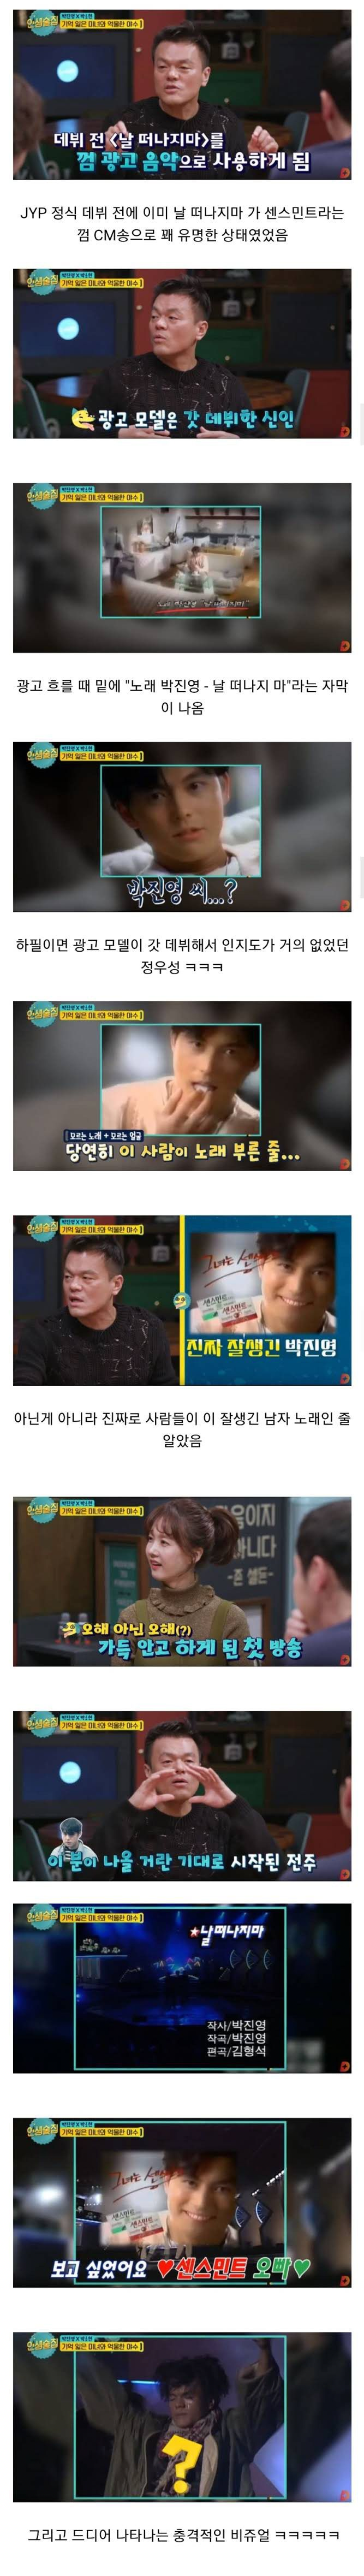 박진영 데뷔무대 대참사